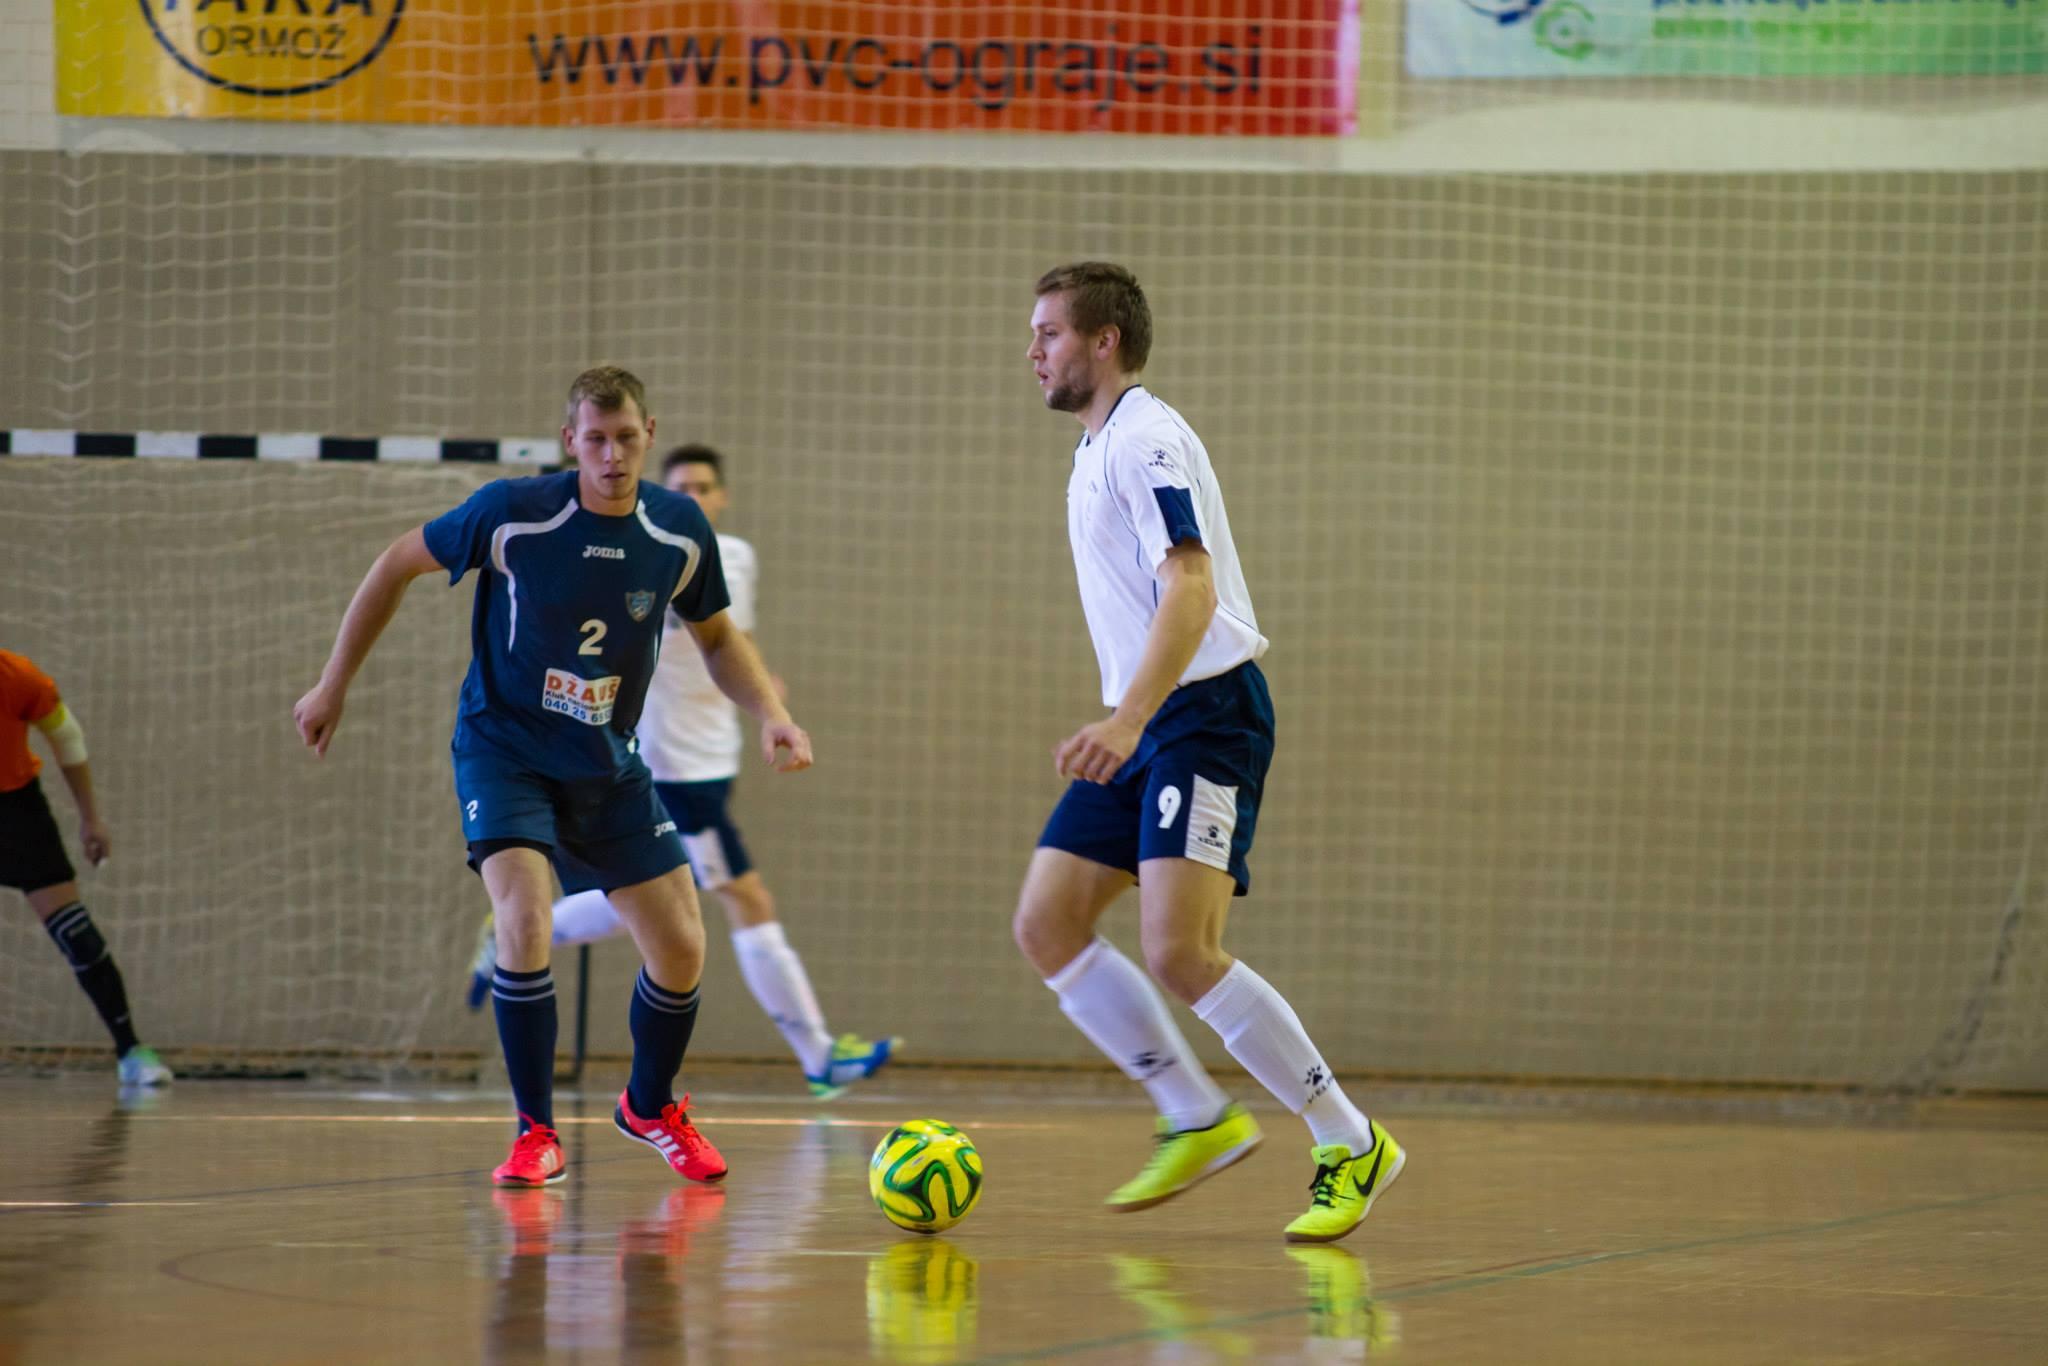 FUTSAL, finale U21, druga tekma: Na vse ali nič. Vabljeni v nedeljo 12. 4. ob 16.00 uri na Hardek.